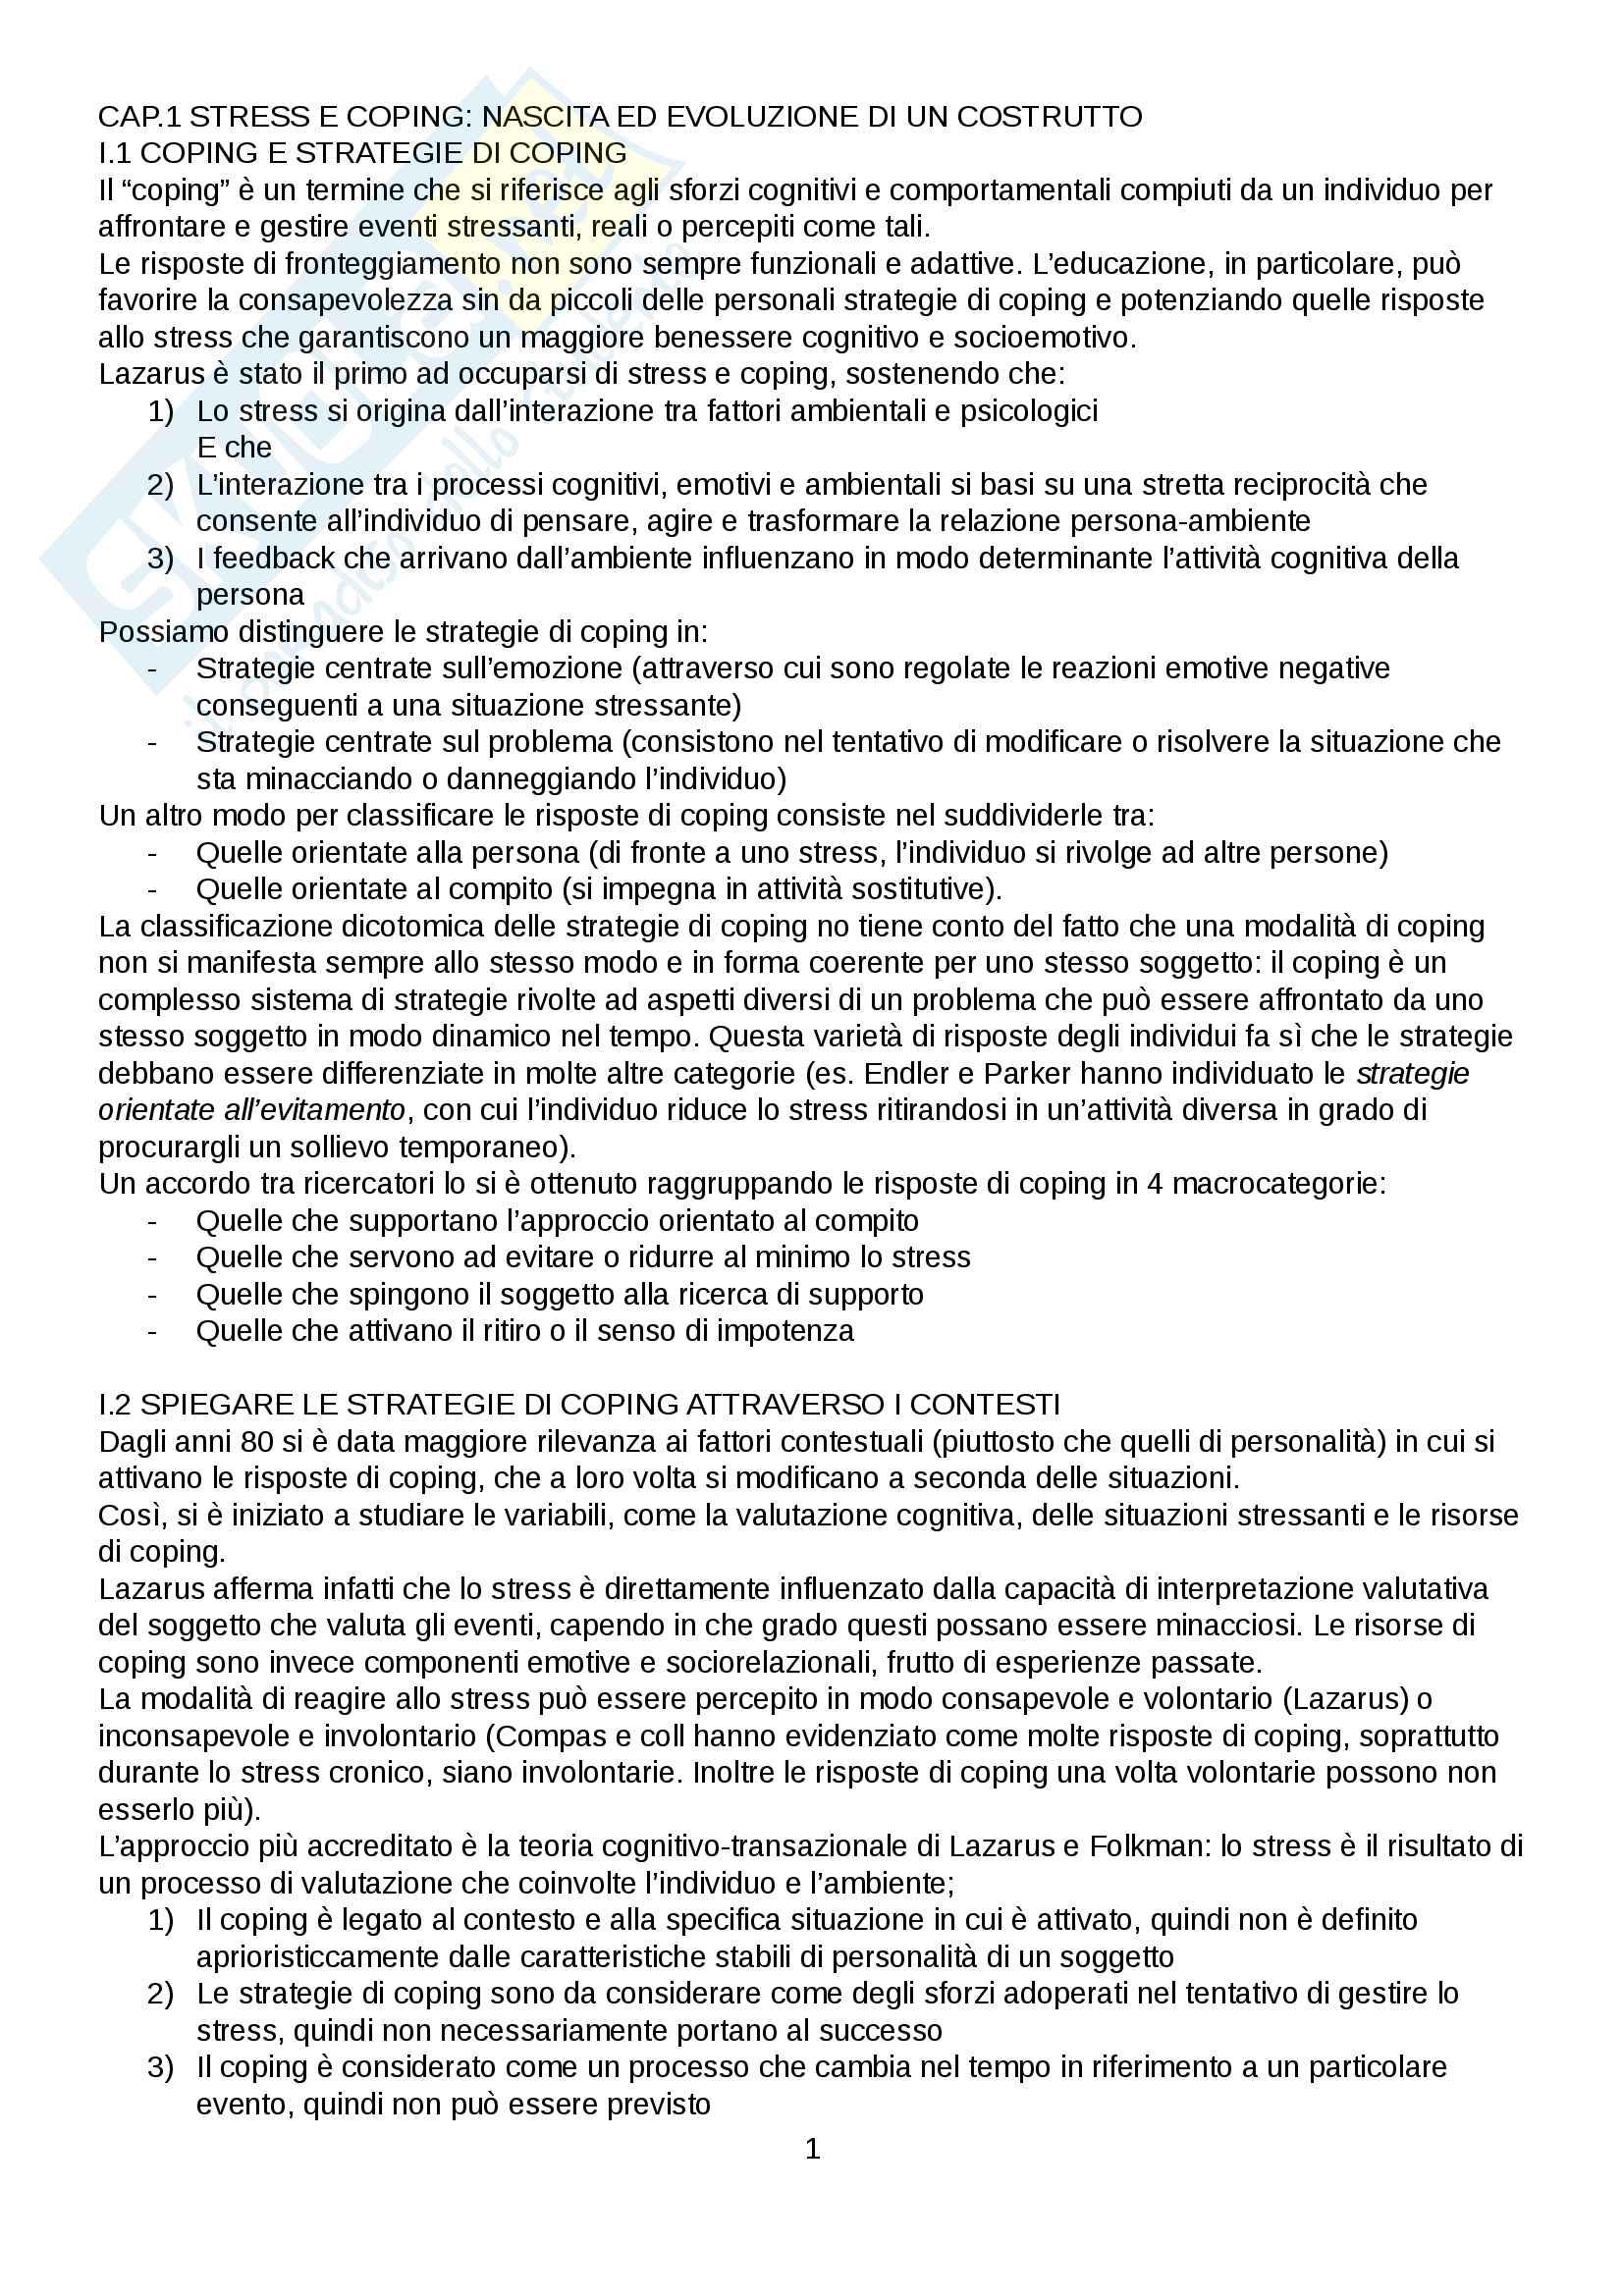 appunto S. De Stasio Psicologia dello sviluppo cognitivo, affettivo e relazionale tipico e atipico